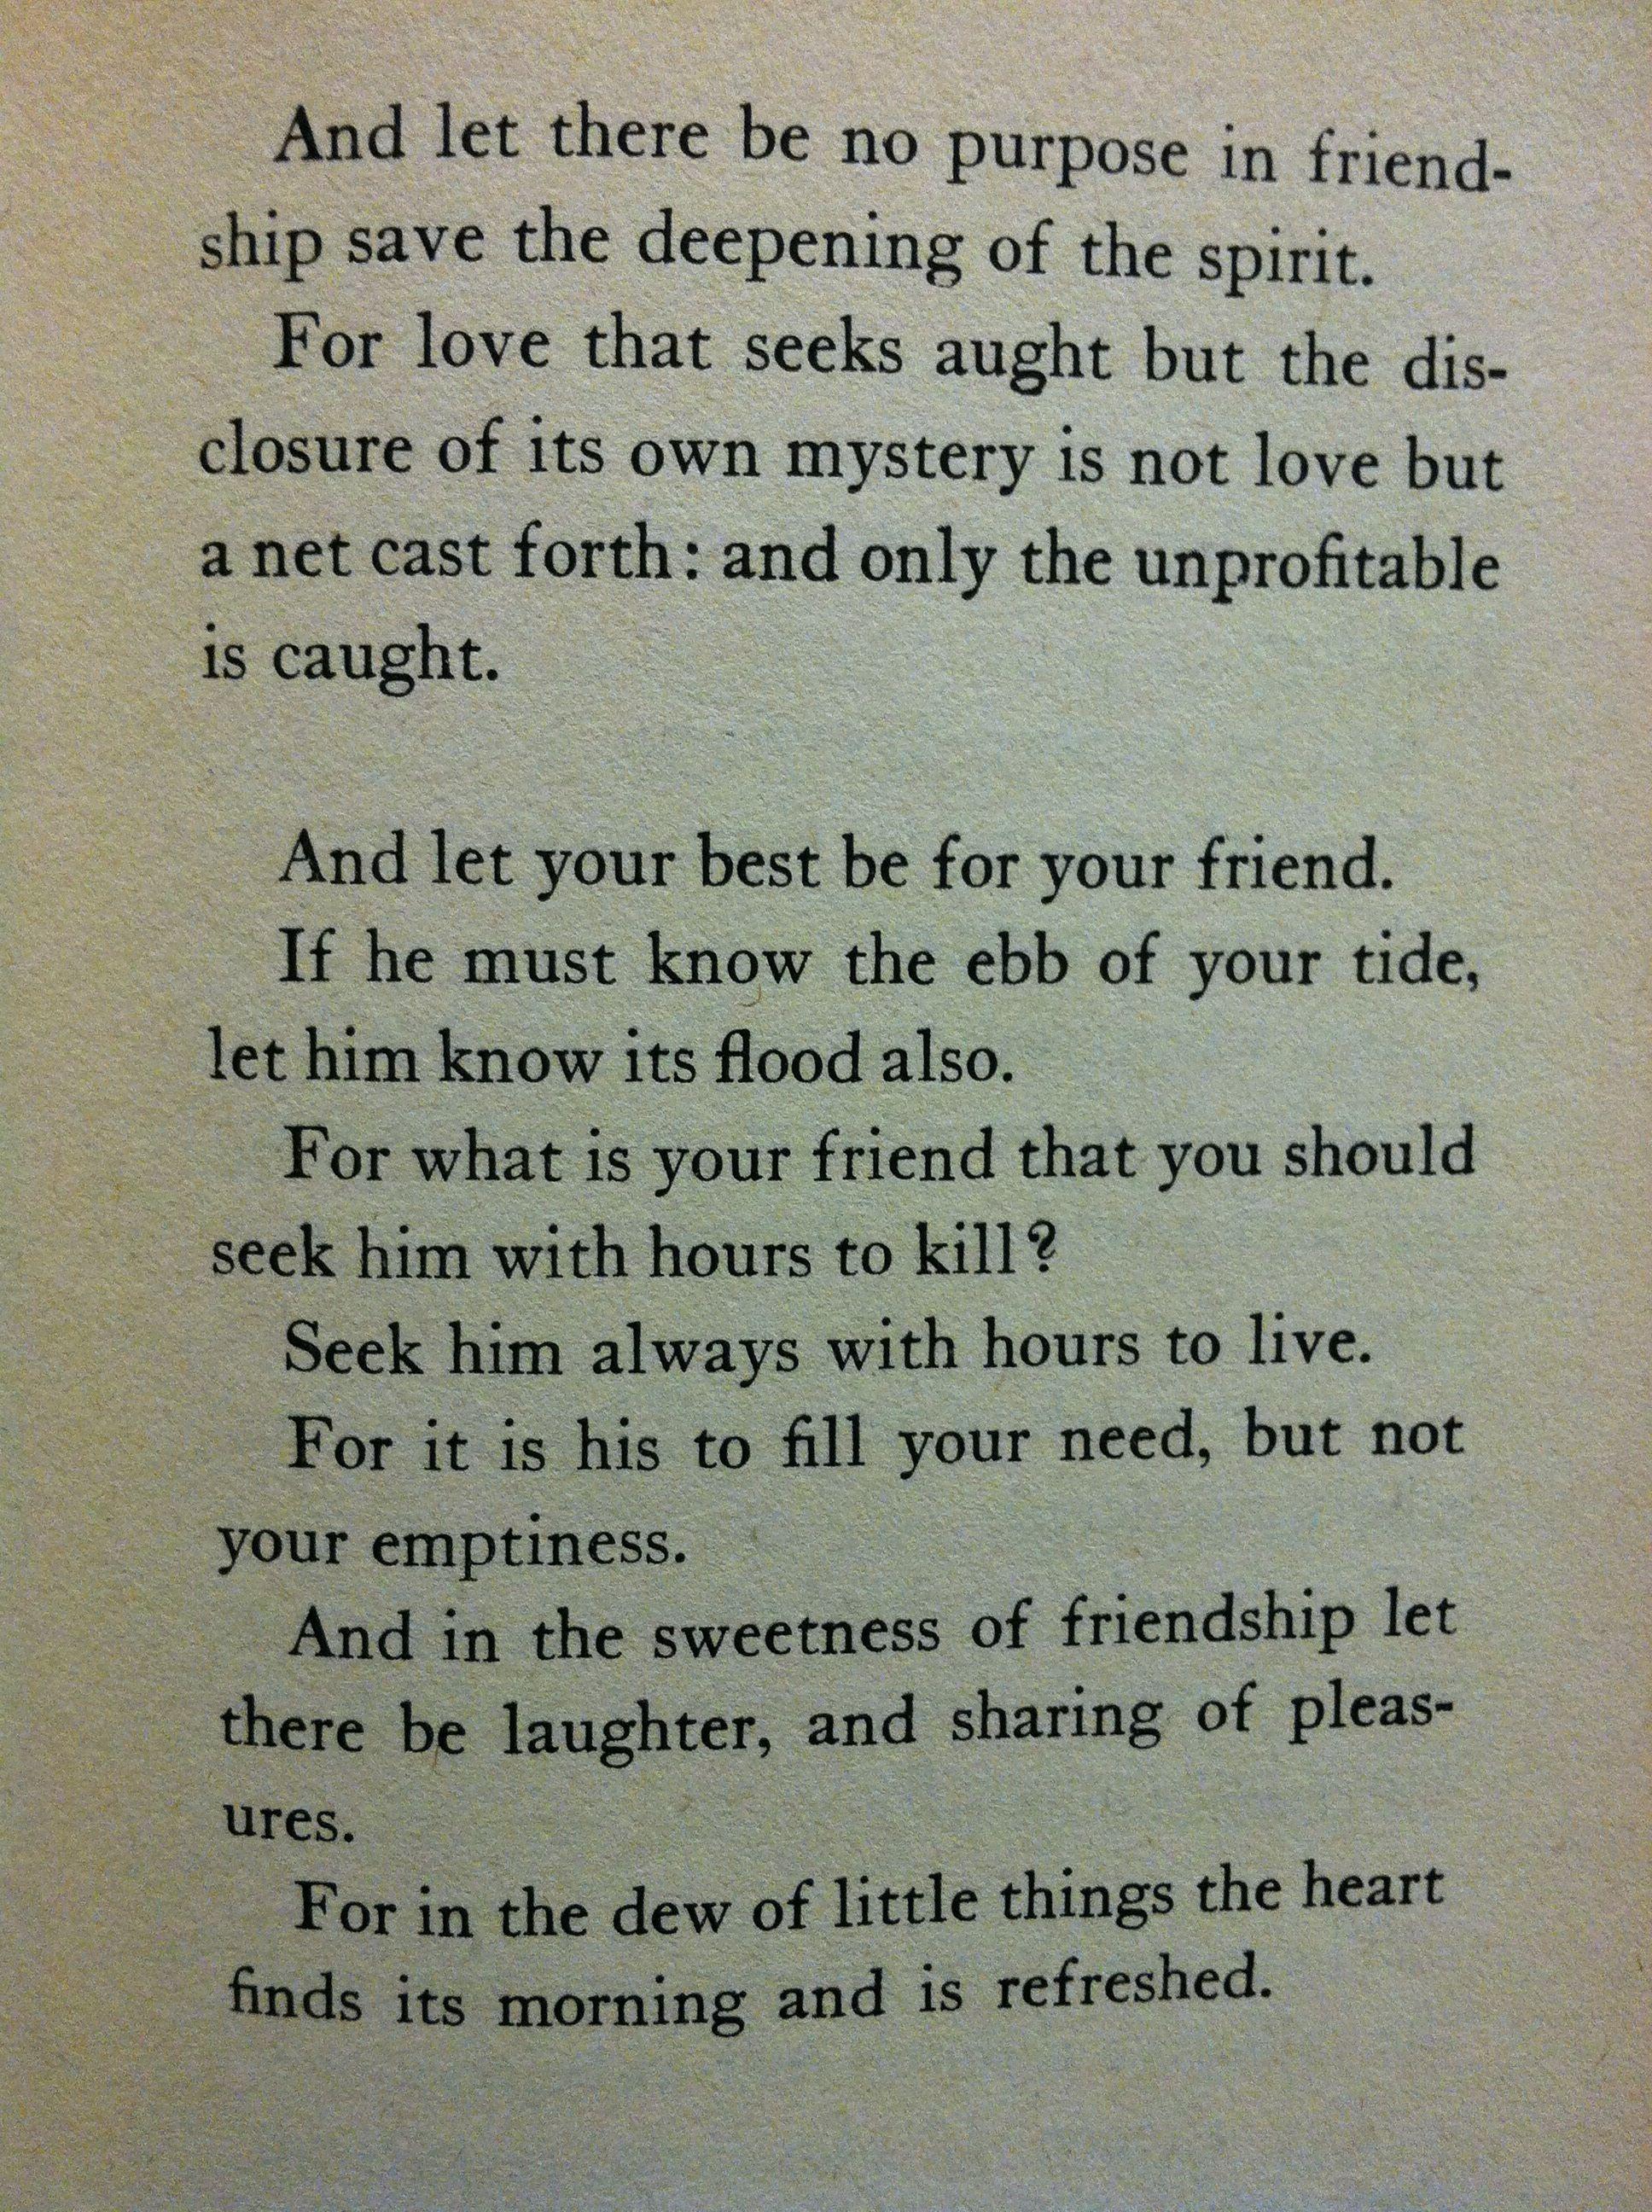 On Friendship. The Prophet - Kahlil Gibran | Friendship quotes, Kahlil  gibran quotes, Prophet quotes